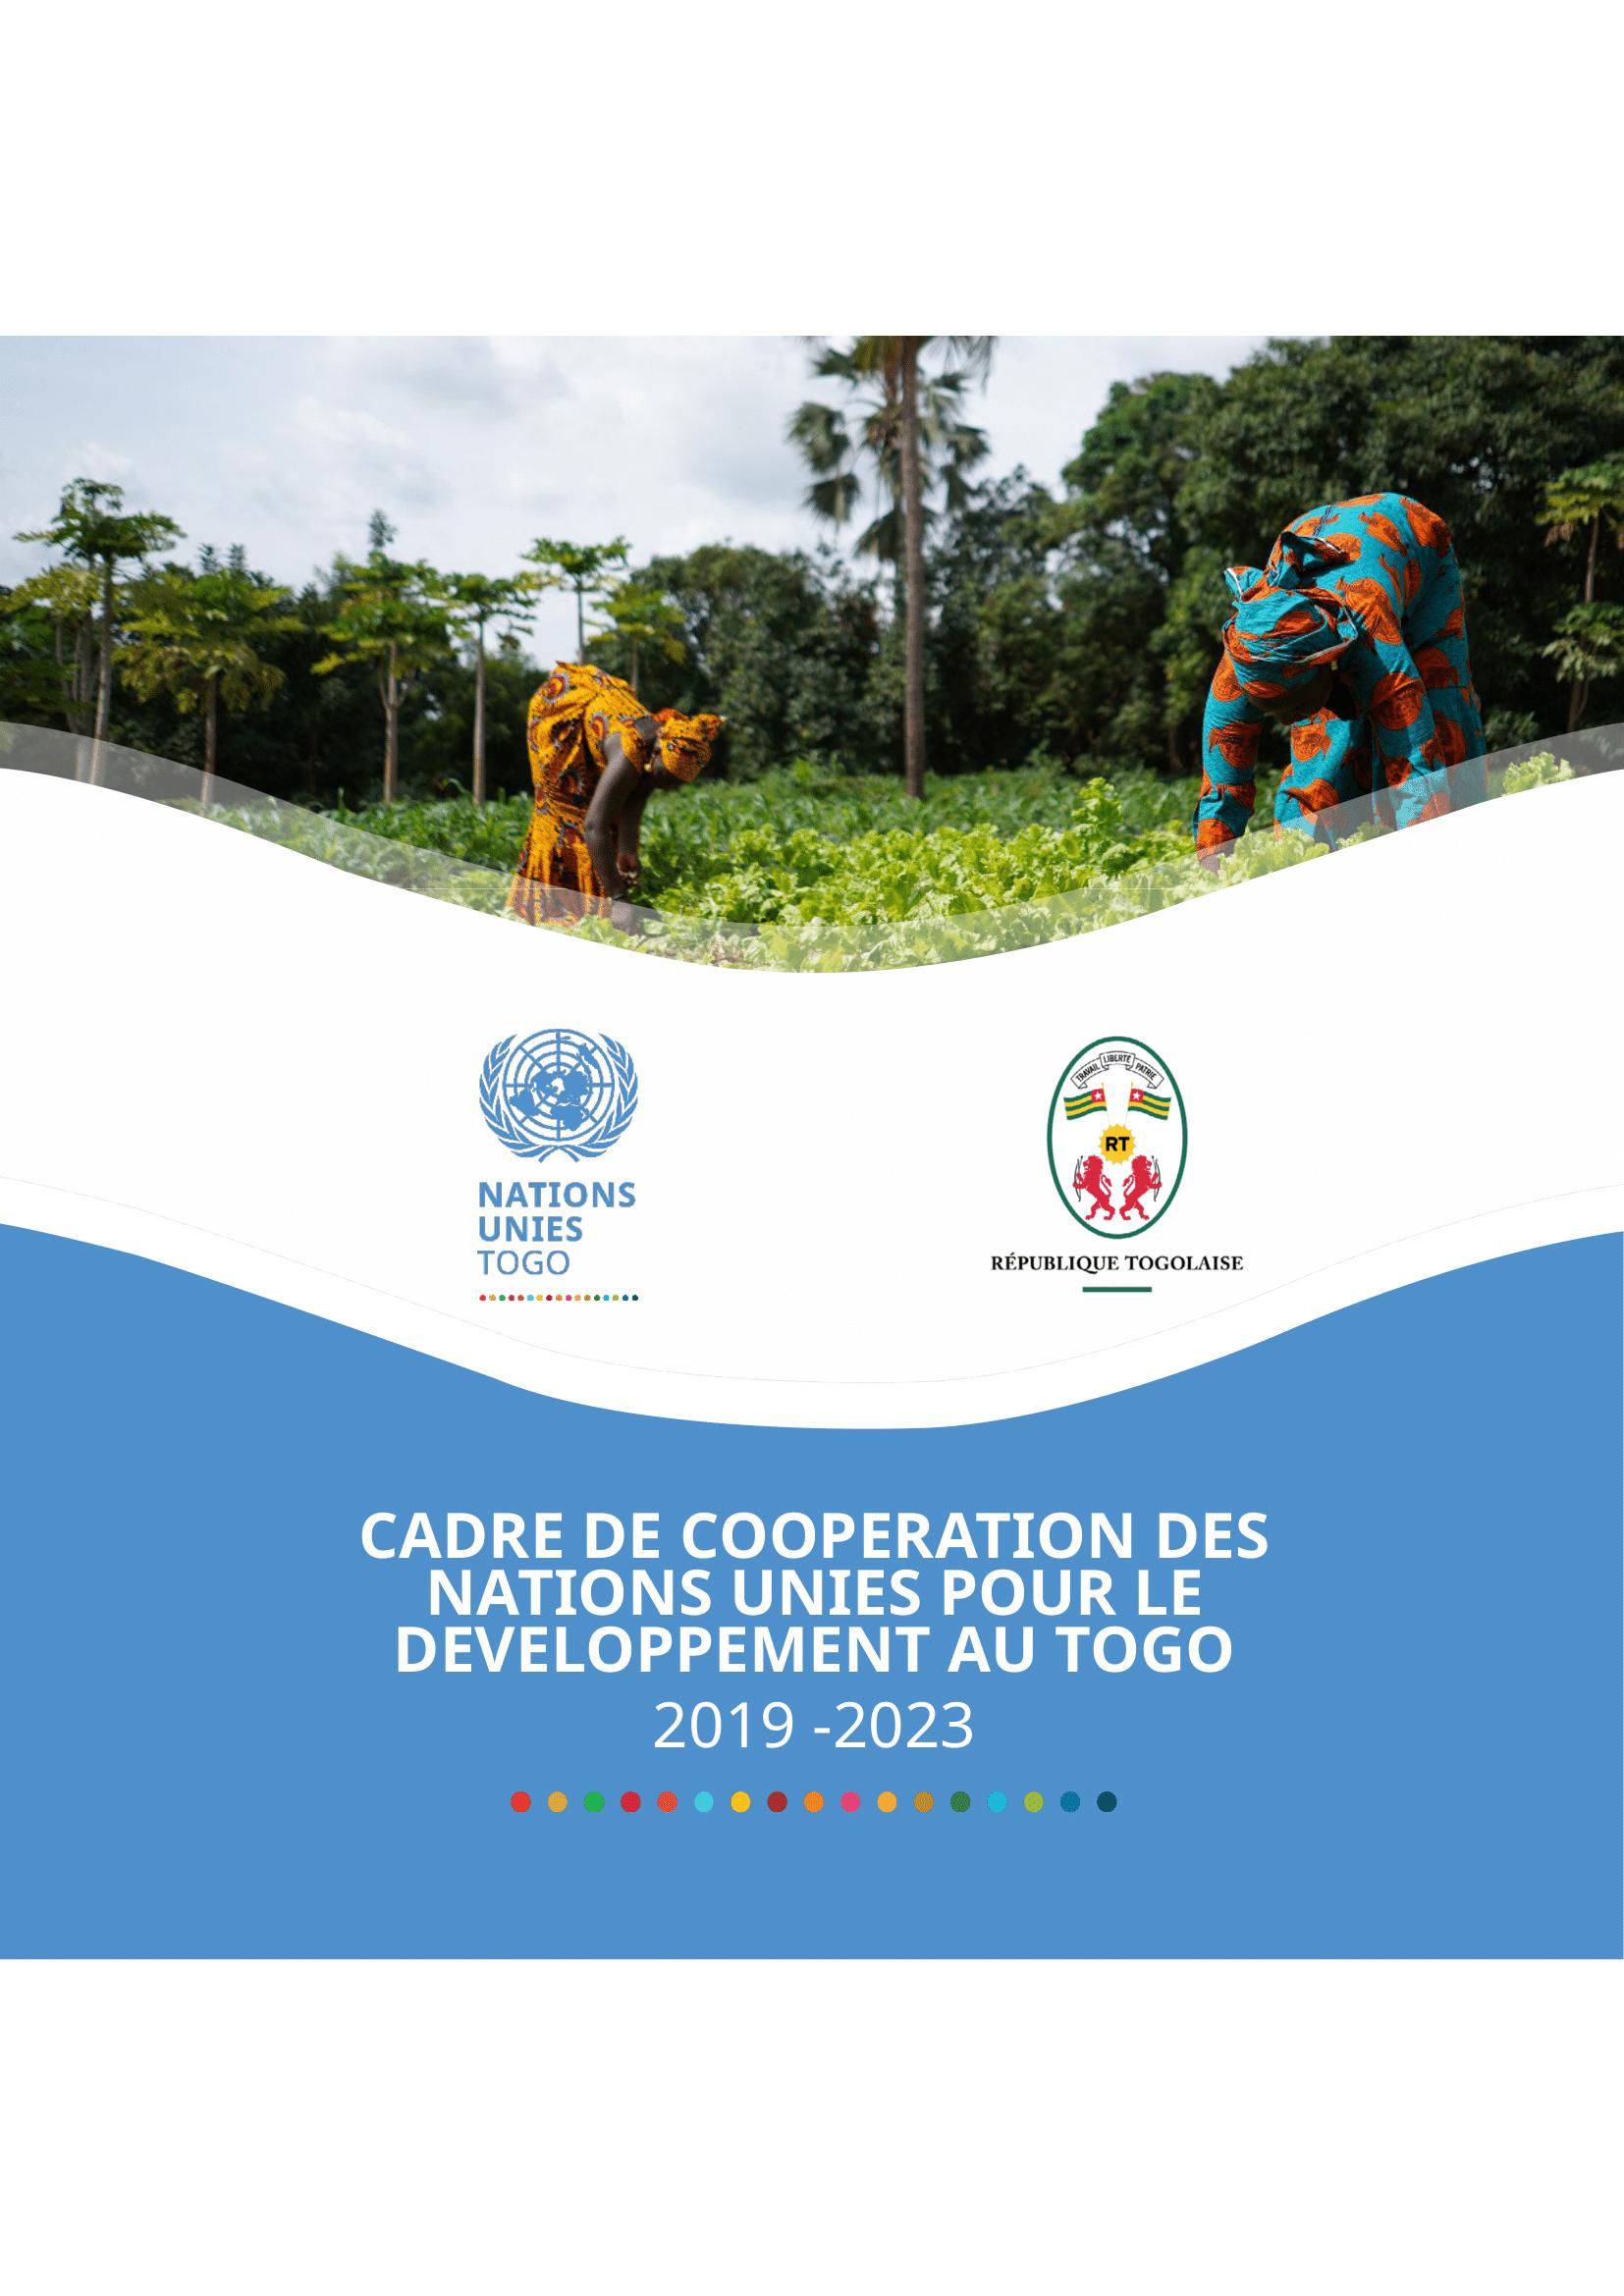 Cadre de coopération pour le développment du Togo 2019-2023